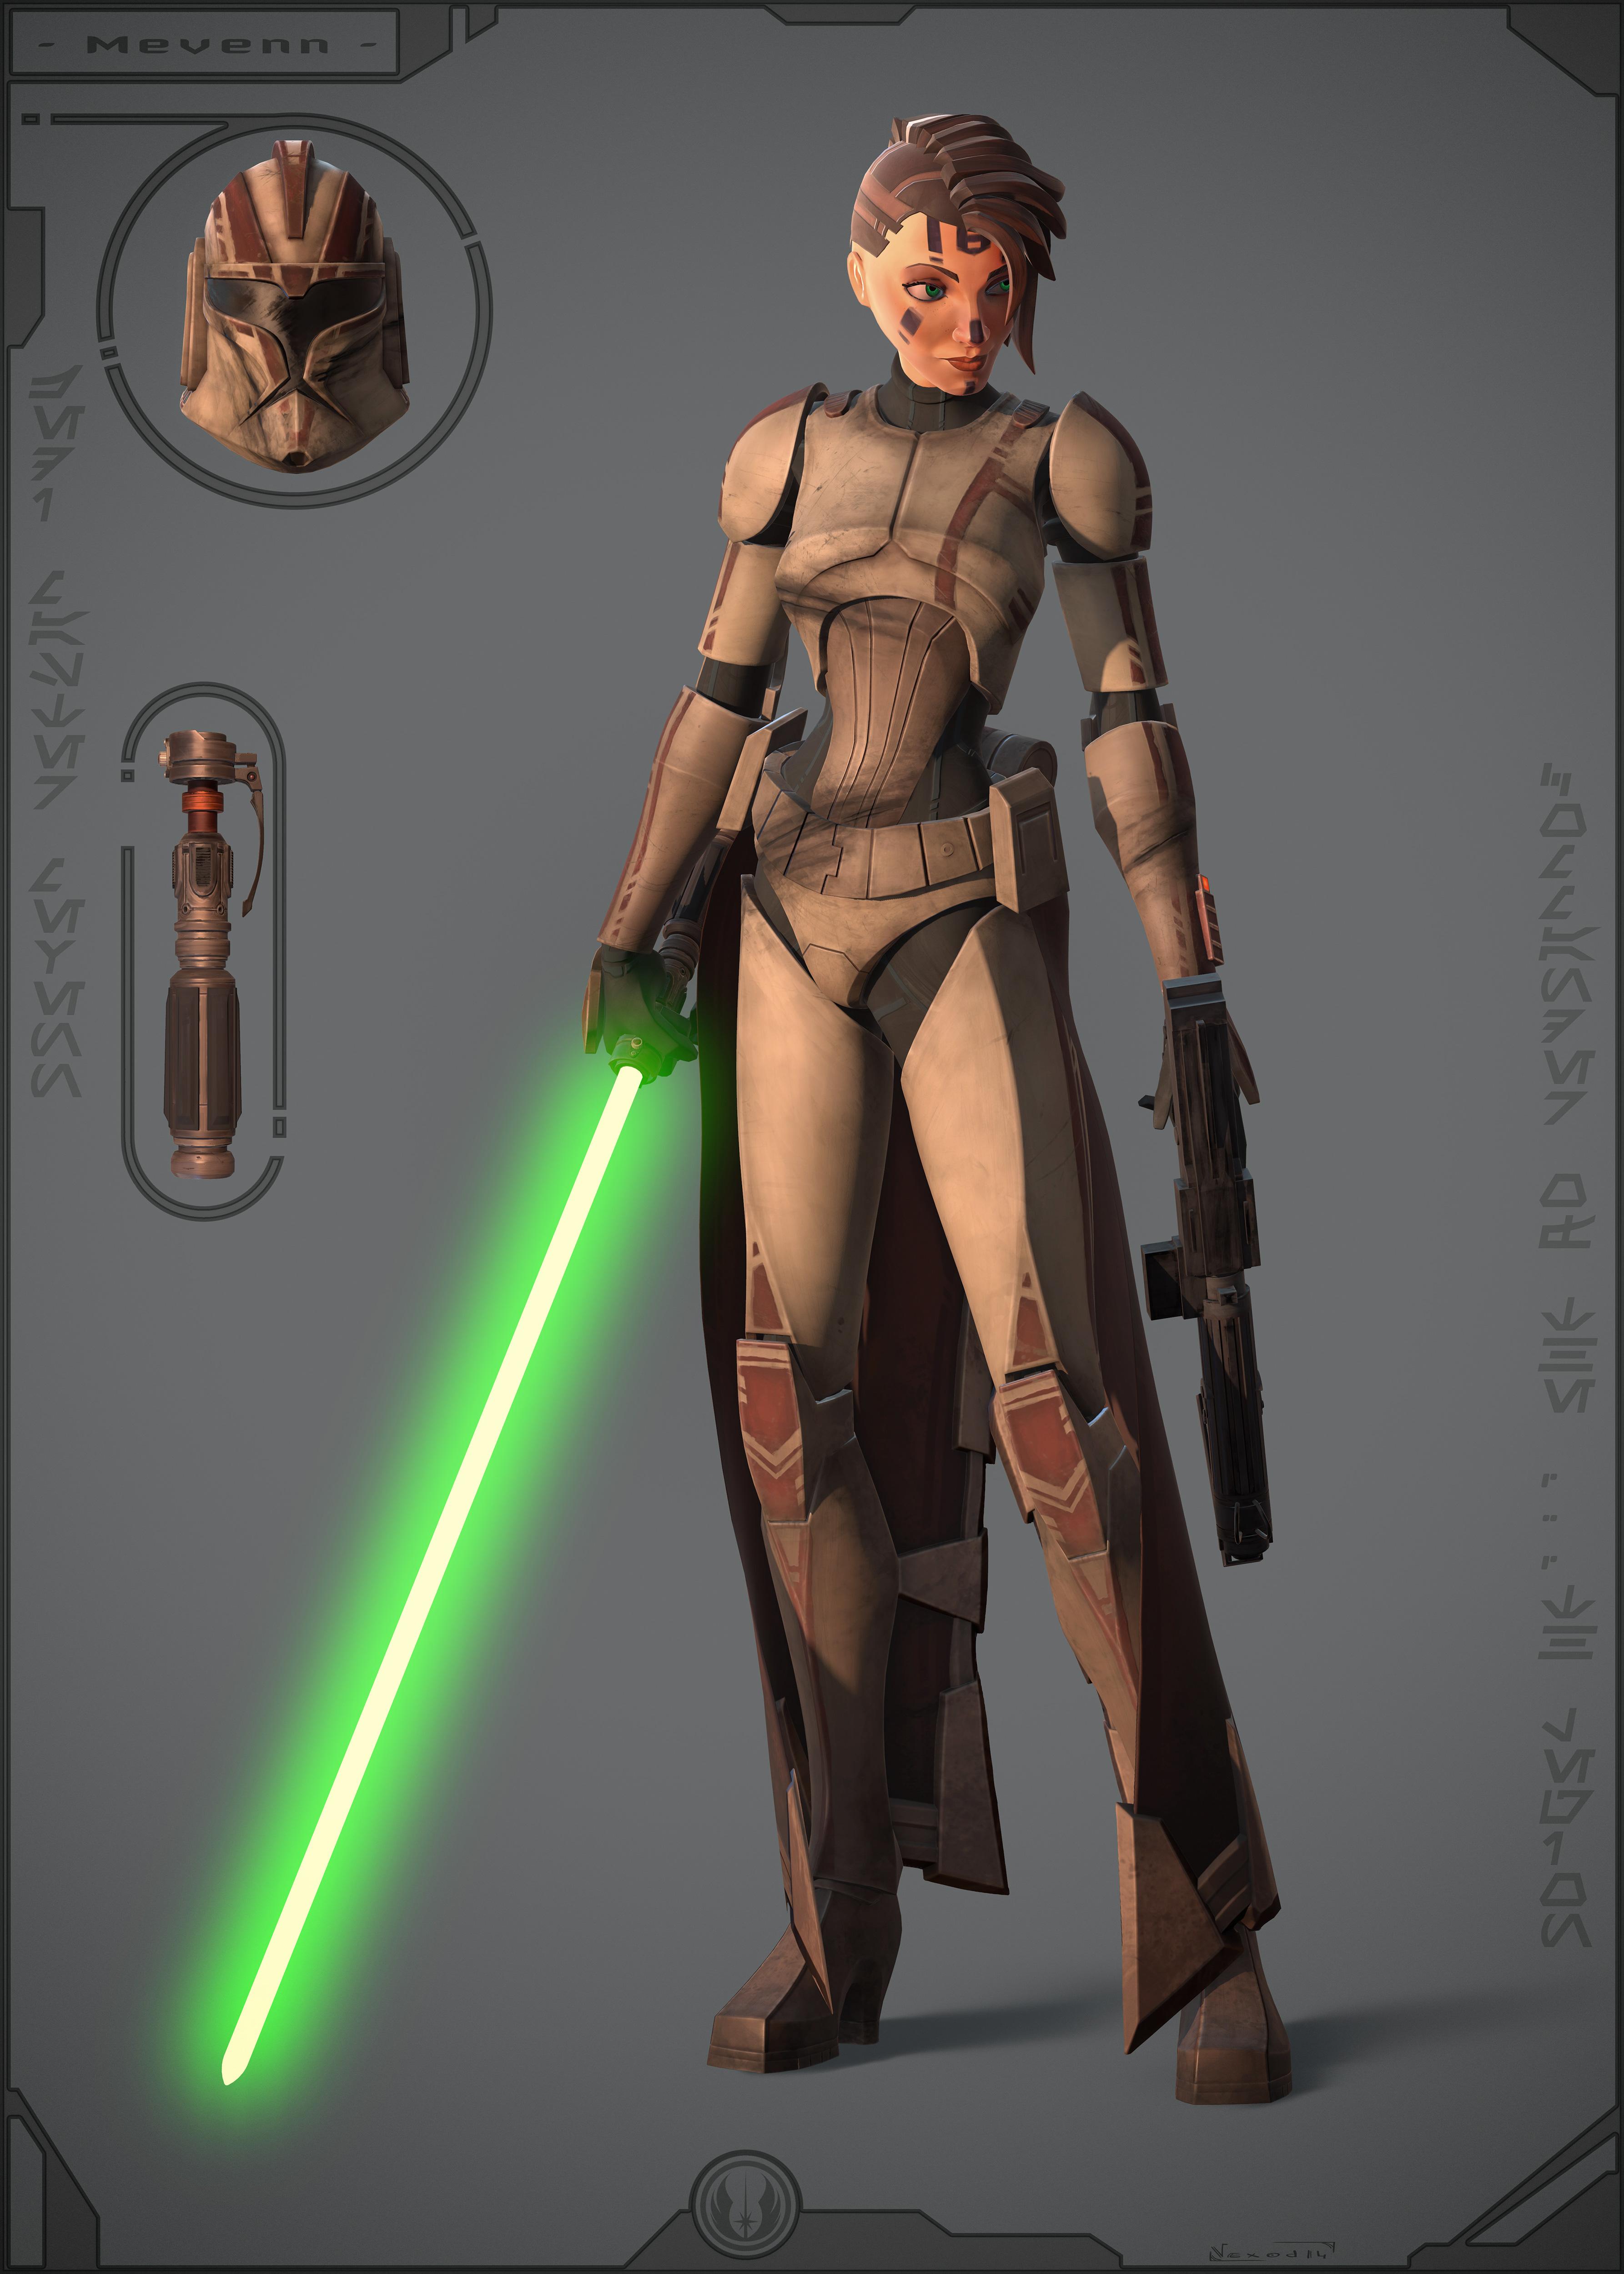 Jedi Master Mevenn - Commander of the 414th legion